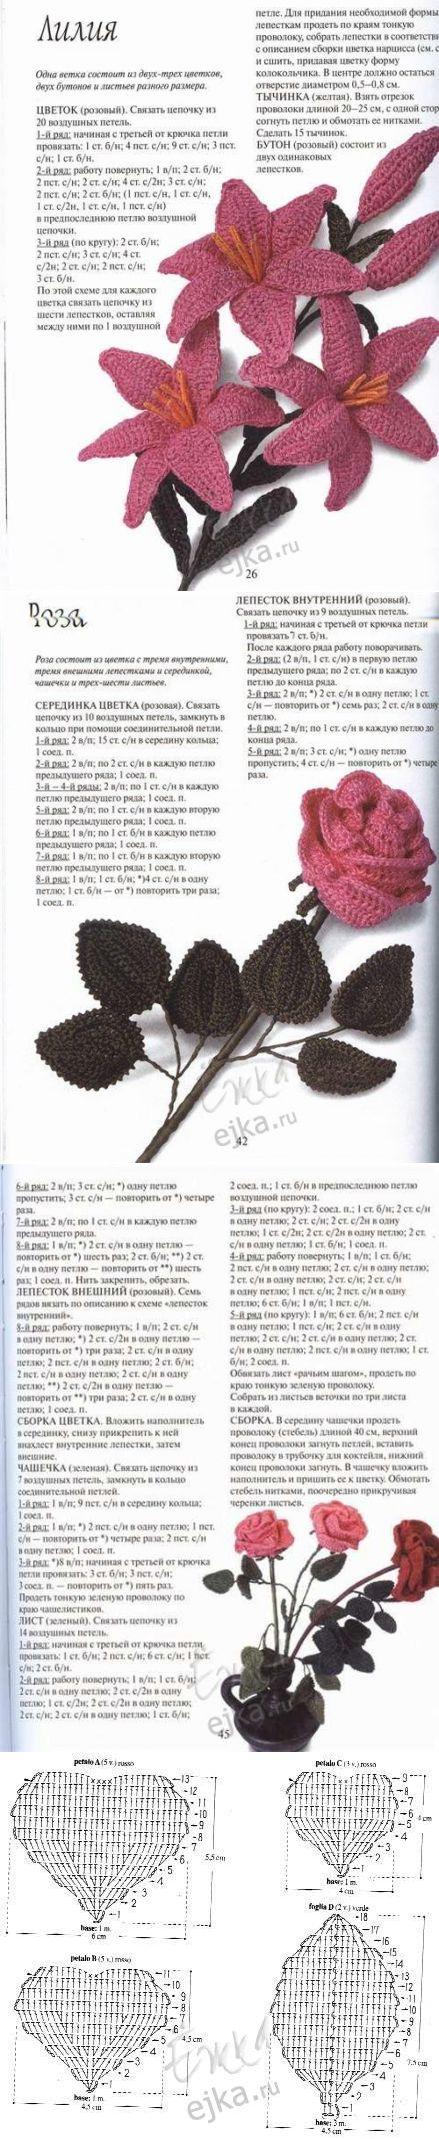 Вязание крючком - вязанные цветы, розы и лилия своими руками, схема и описание... ♥ Deniz ♥: